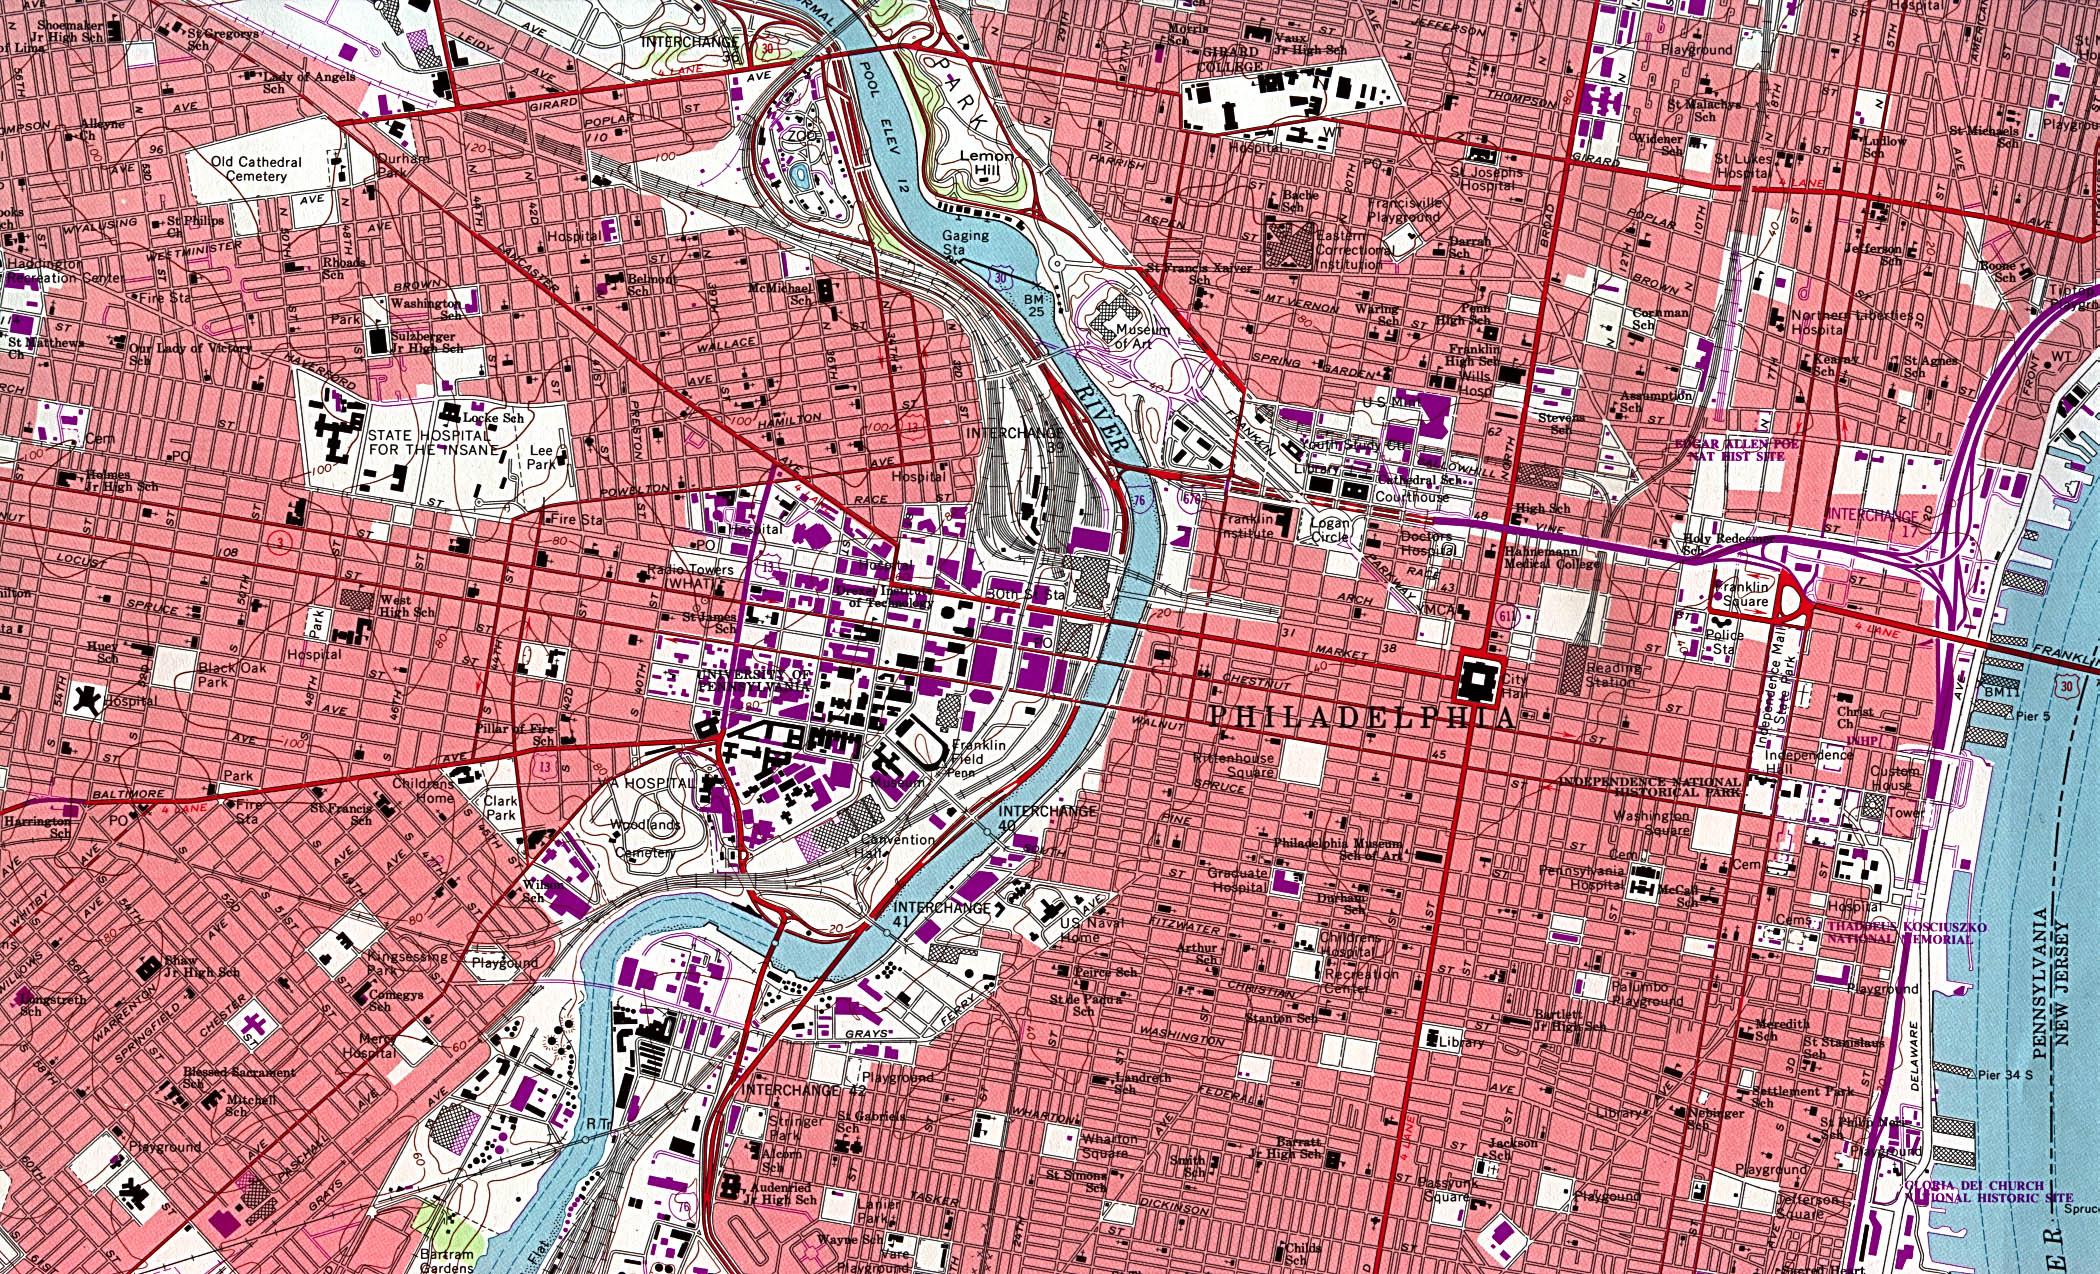 Philadelphia Downtown City Map, Pennsylvania, United States